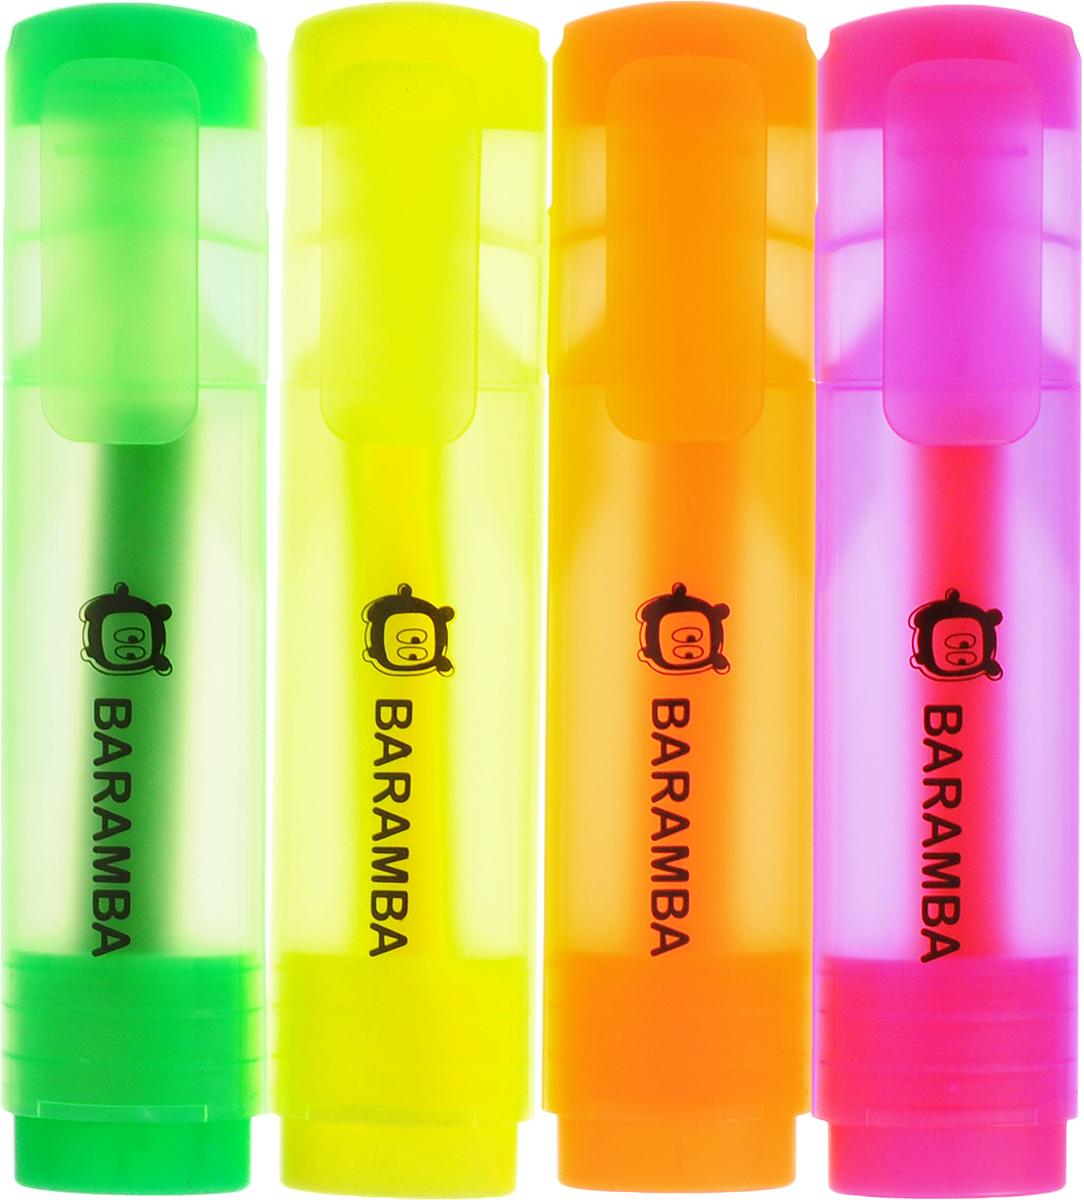 Baramba Набор текстовыделителей 4 цветаB10004_желтый/оранжевый/розовый/зеленыйНабор текстовыделителей Baramba подойдет для выделения текстов на разных видах бумаги, в том числе на бумаге для факсов и копировальных машин, и станет незаменимым атрибутом работы в офисе. Колпачок оснащен пластиковым клипом. В набор входят четыре текстовыделителя ярких цветов: розовый, желтый неон, зеленый и оранжевый. Текстовыделители с клиновидным острием обладают яркими, насыщенными цветами и четкими контурами.